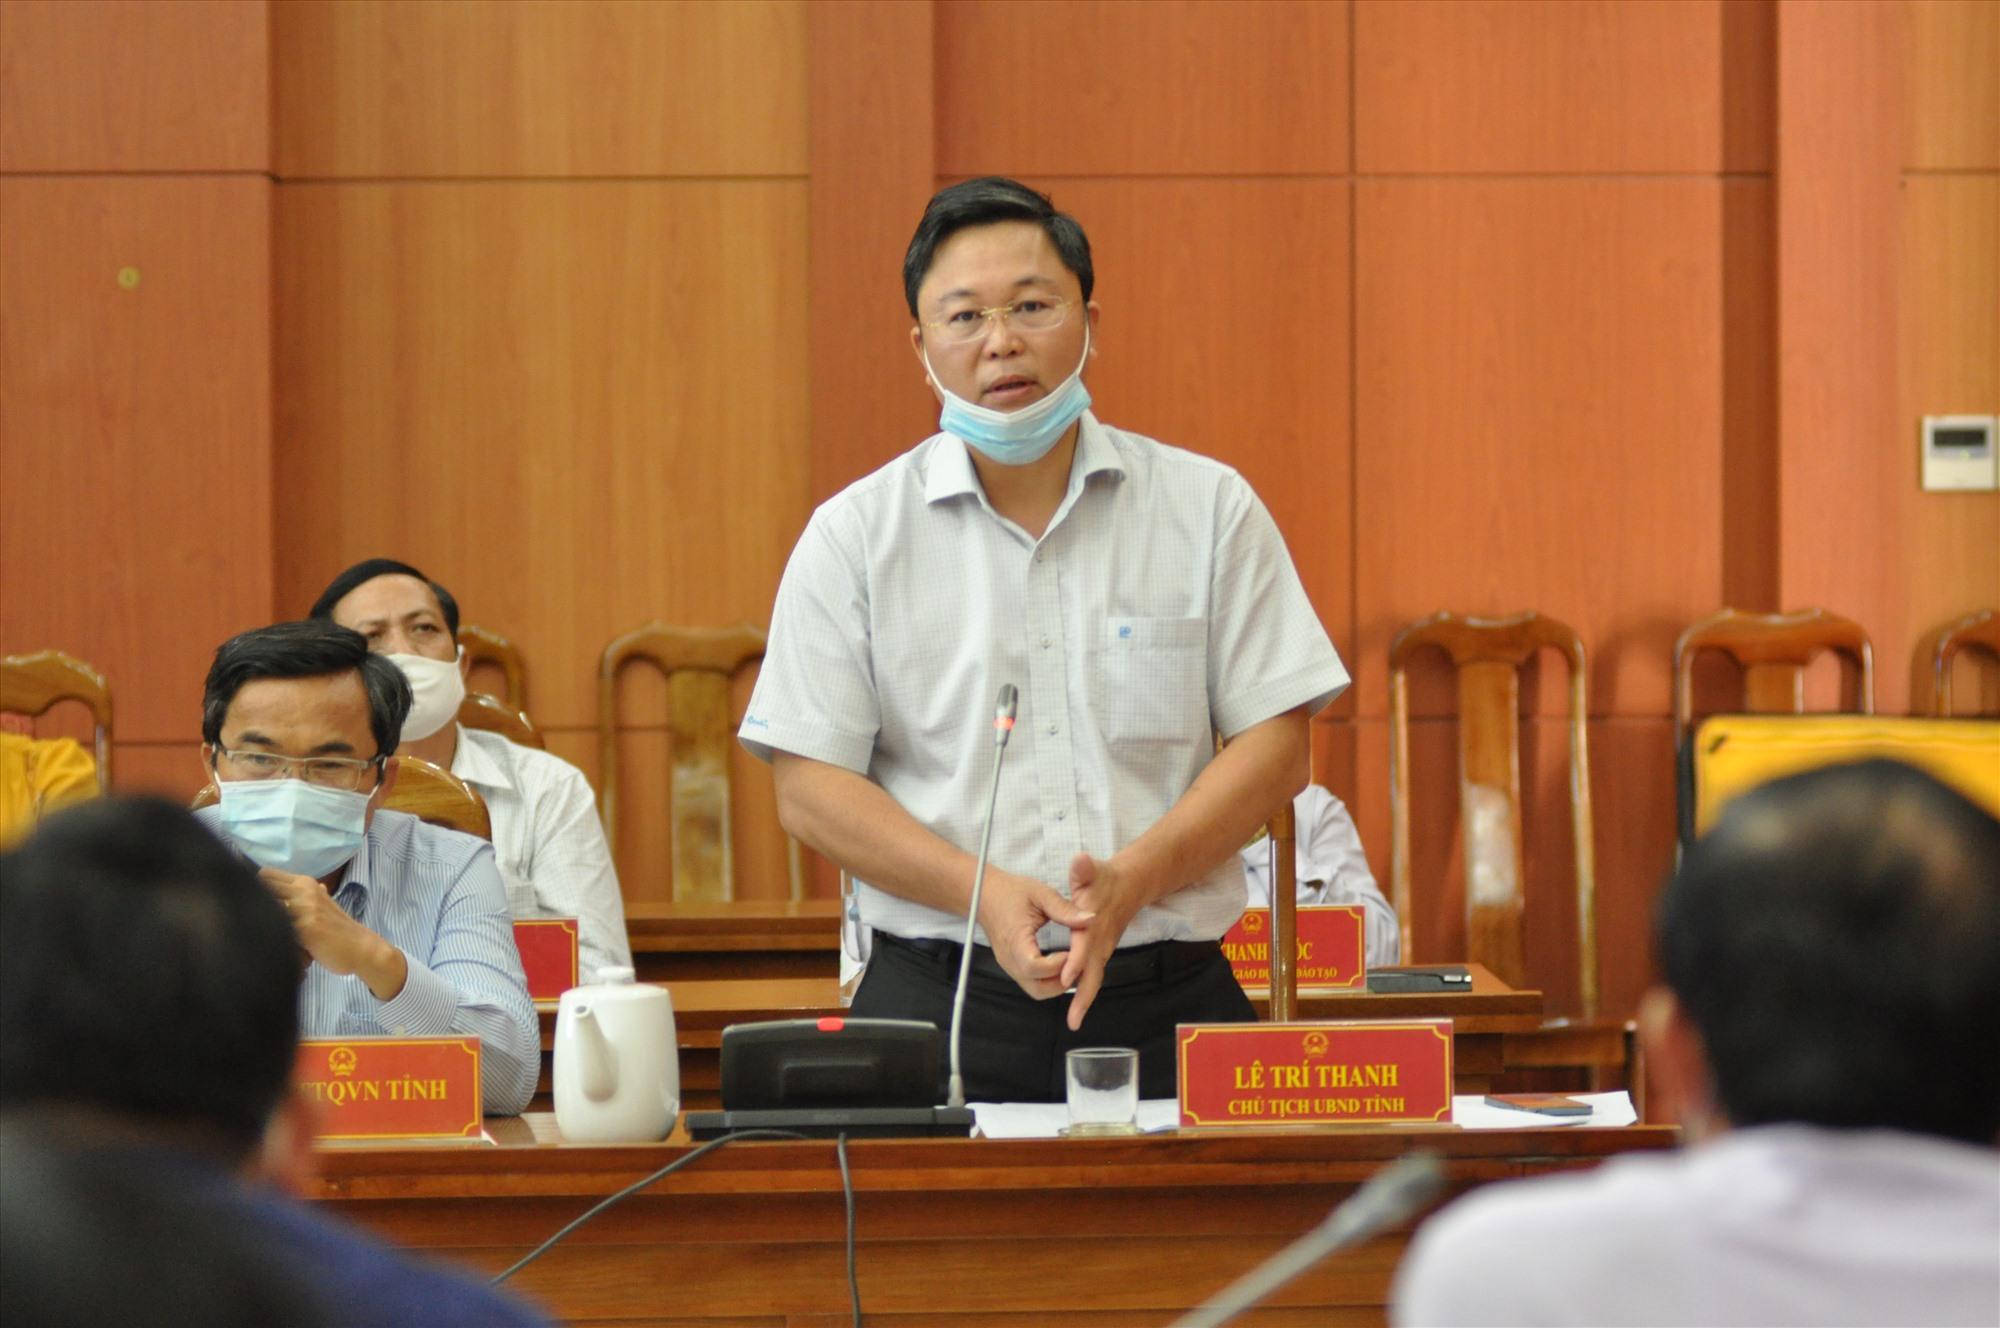 Chủ tịch UBND tỉnh Lê Trí Thanh phát biểu tại phiên họp. Ảnh: X.P